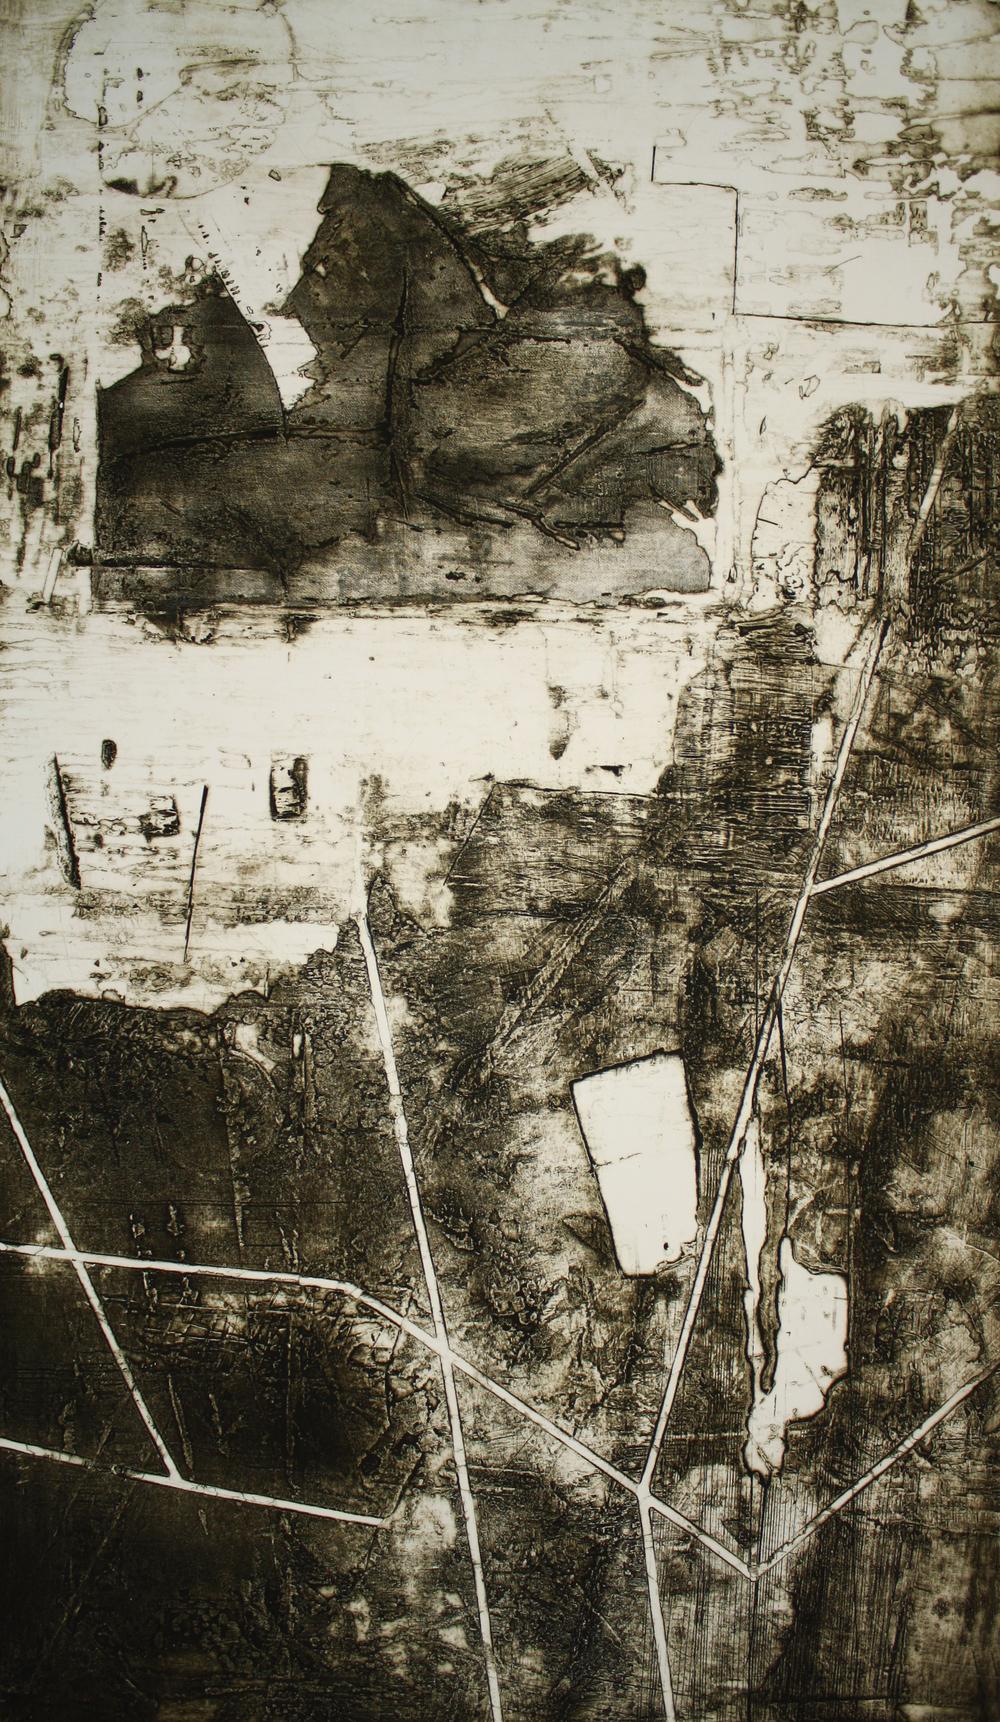 Excavation #36